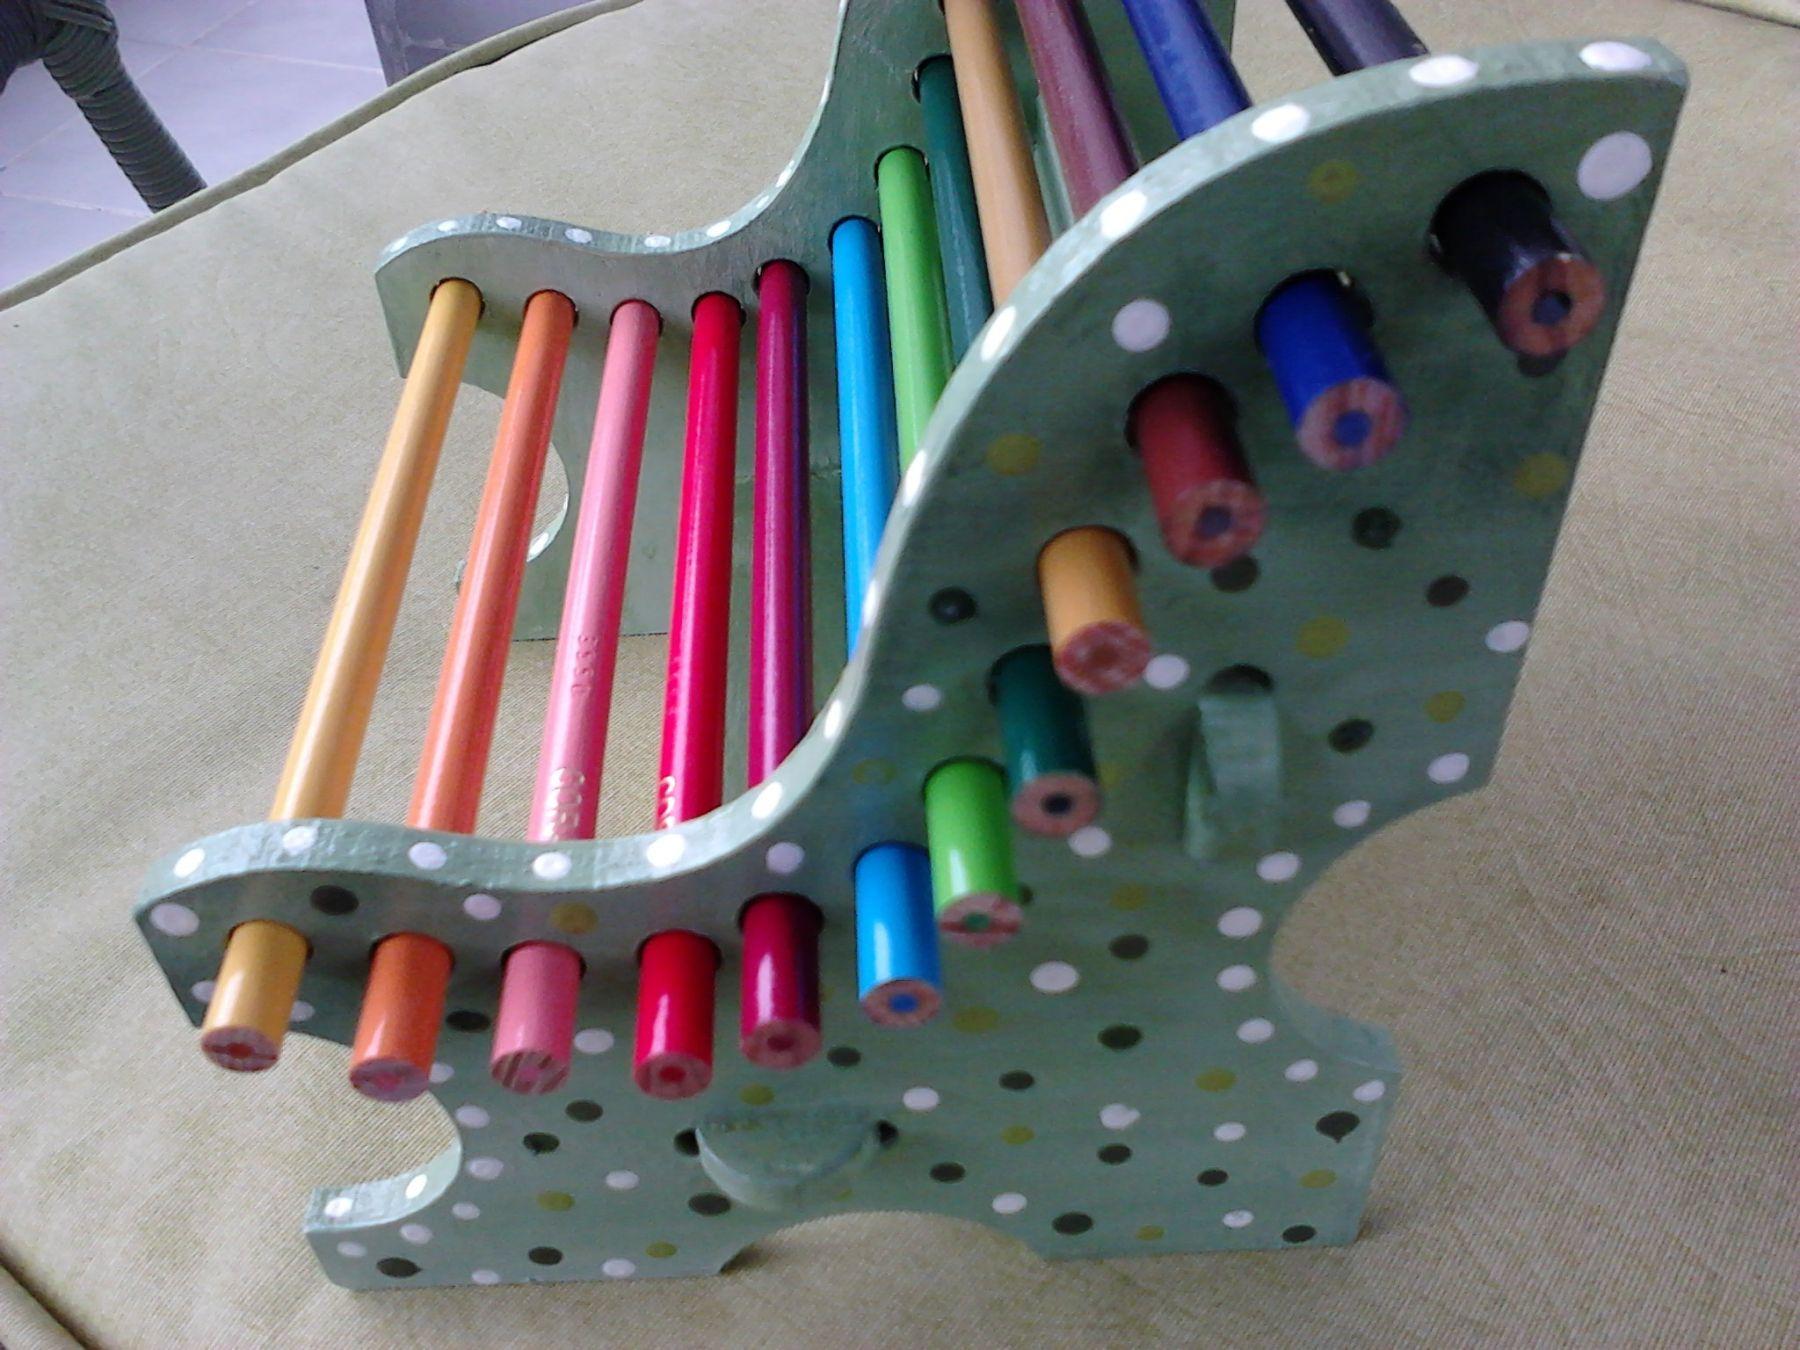 Banco em MDF que imita um assento de praça pública. Contém furos nas laterais da peça para encaixe de 12 lápis de cor em tamanho normal.  A pintura, em se tratando de uma peça voltada a crianças e jovens, não...